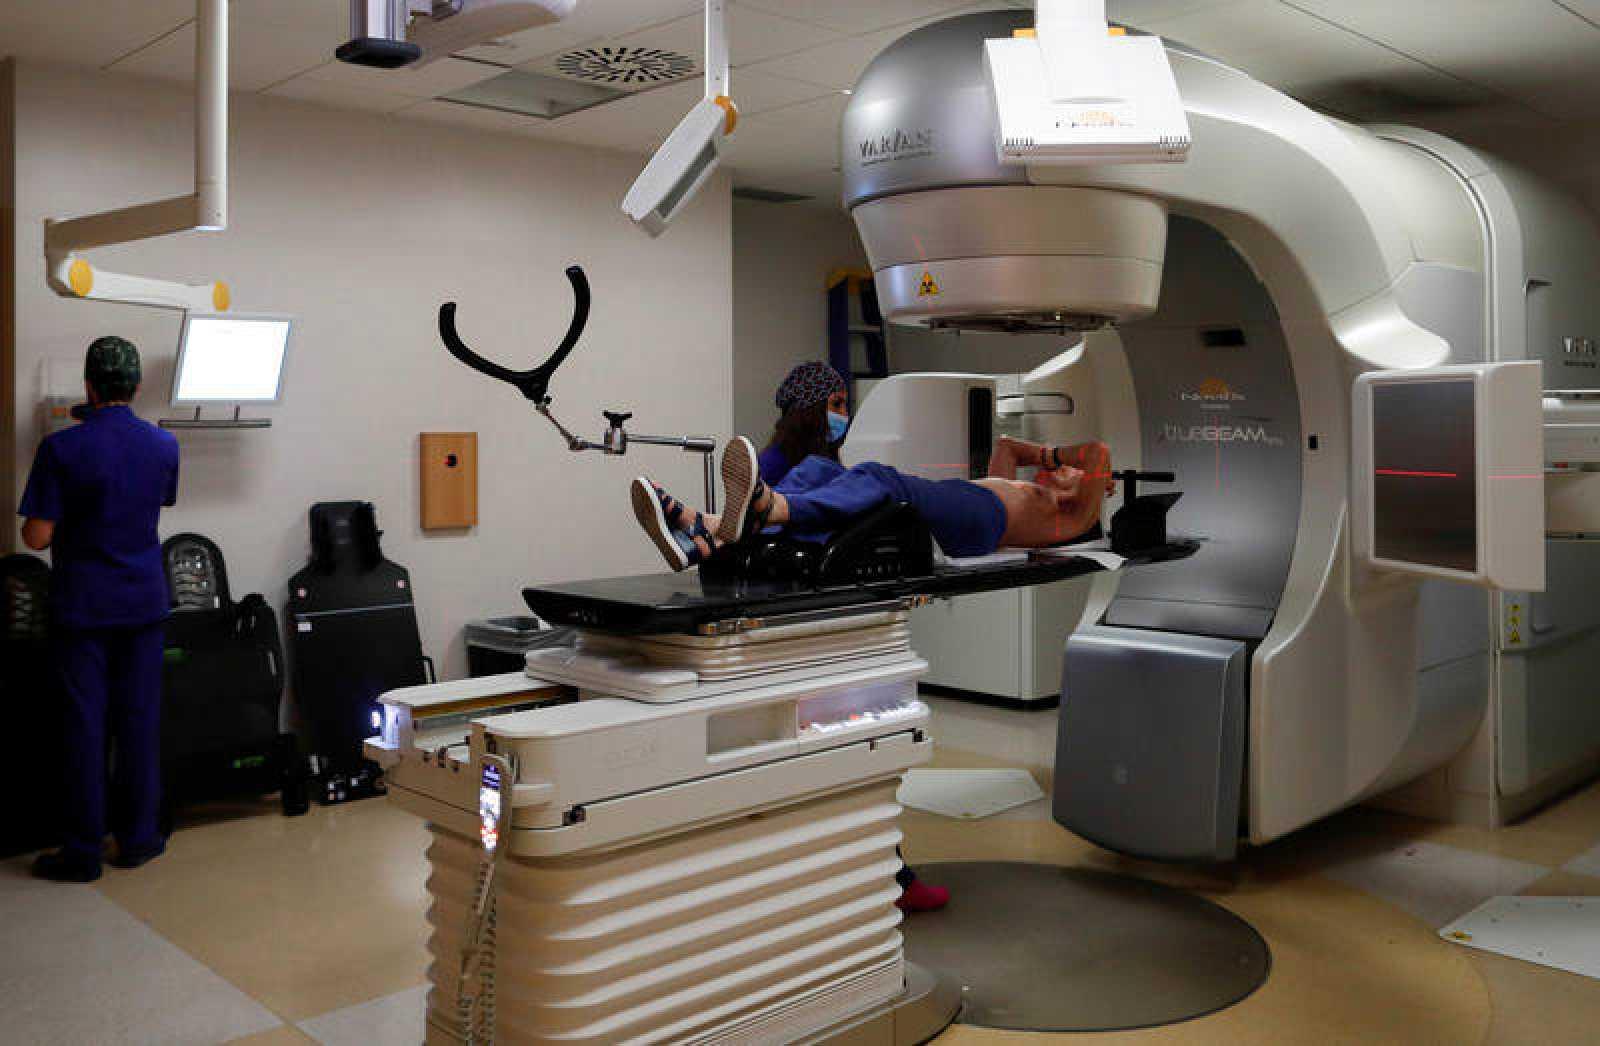 Un paciente es tratado en una sala de radioterapia.